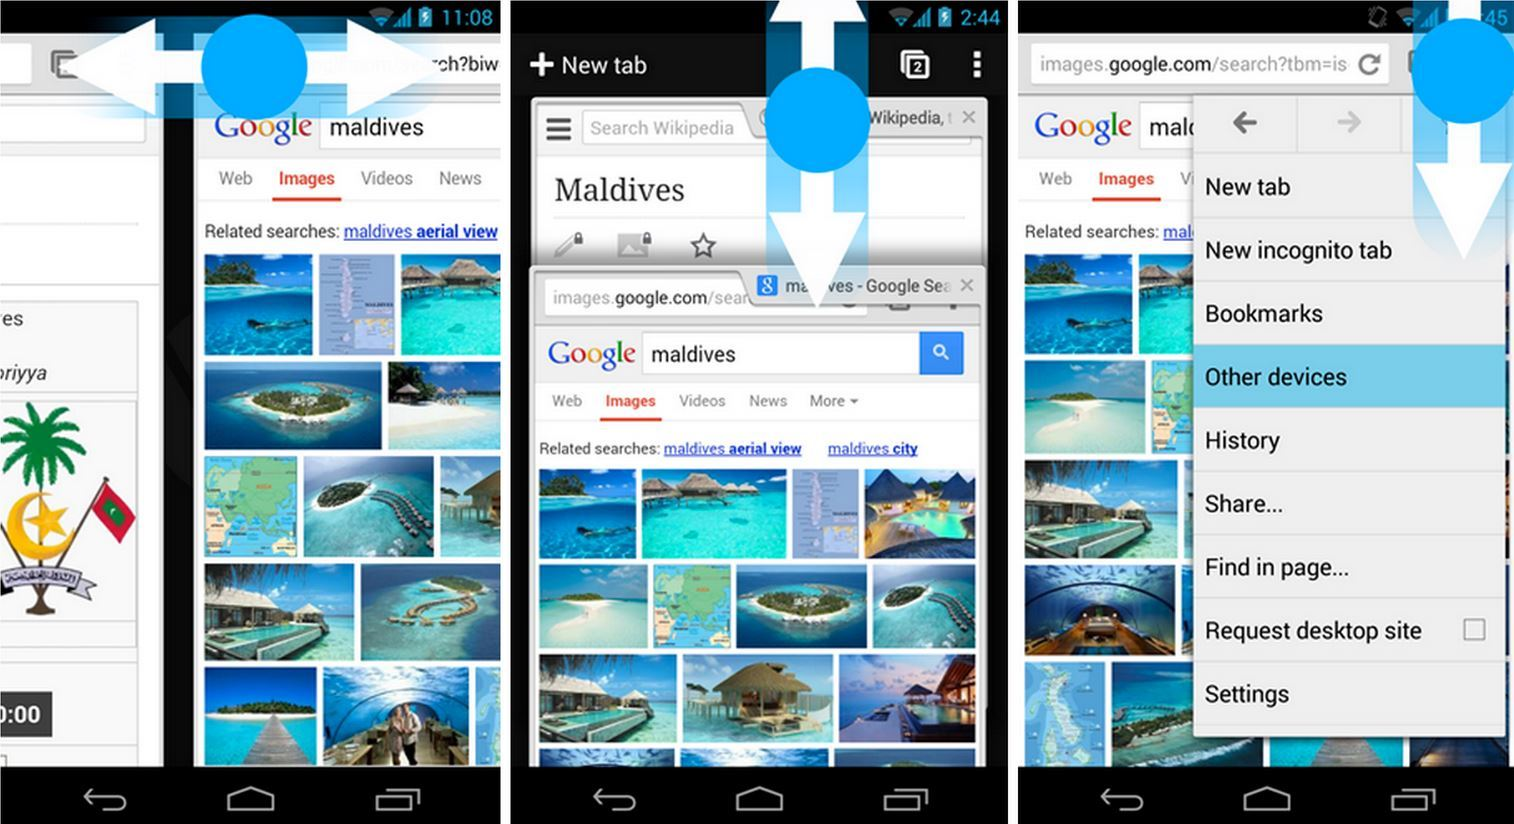 Google Chrome 30 : les nouveautés qui seront intégrées à la version stable d'Android